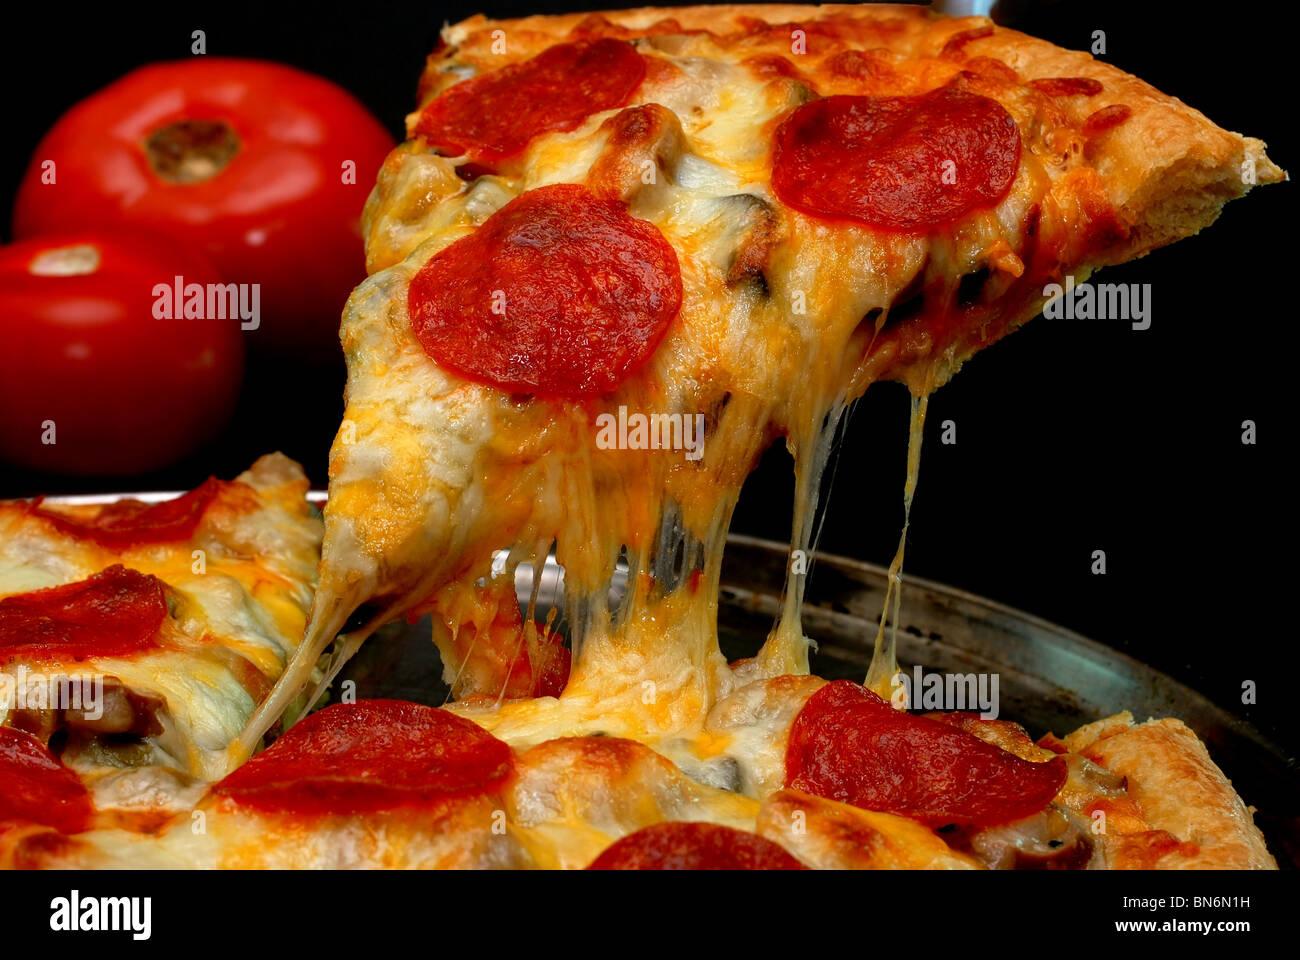 Tranche de pizza au pepperoni, retiré de pizza entière avec des tomates en arrière-plan. Isolé sur fond noir. Banque D'Images